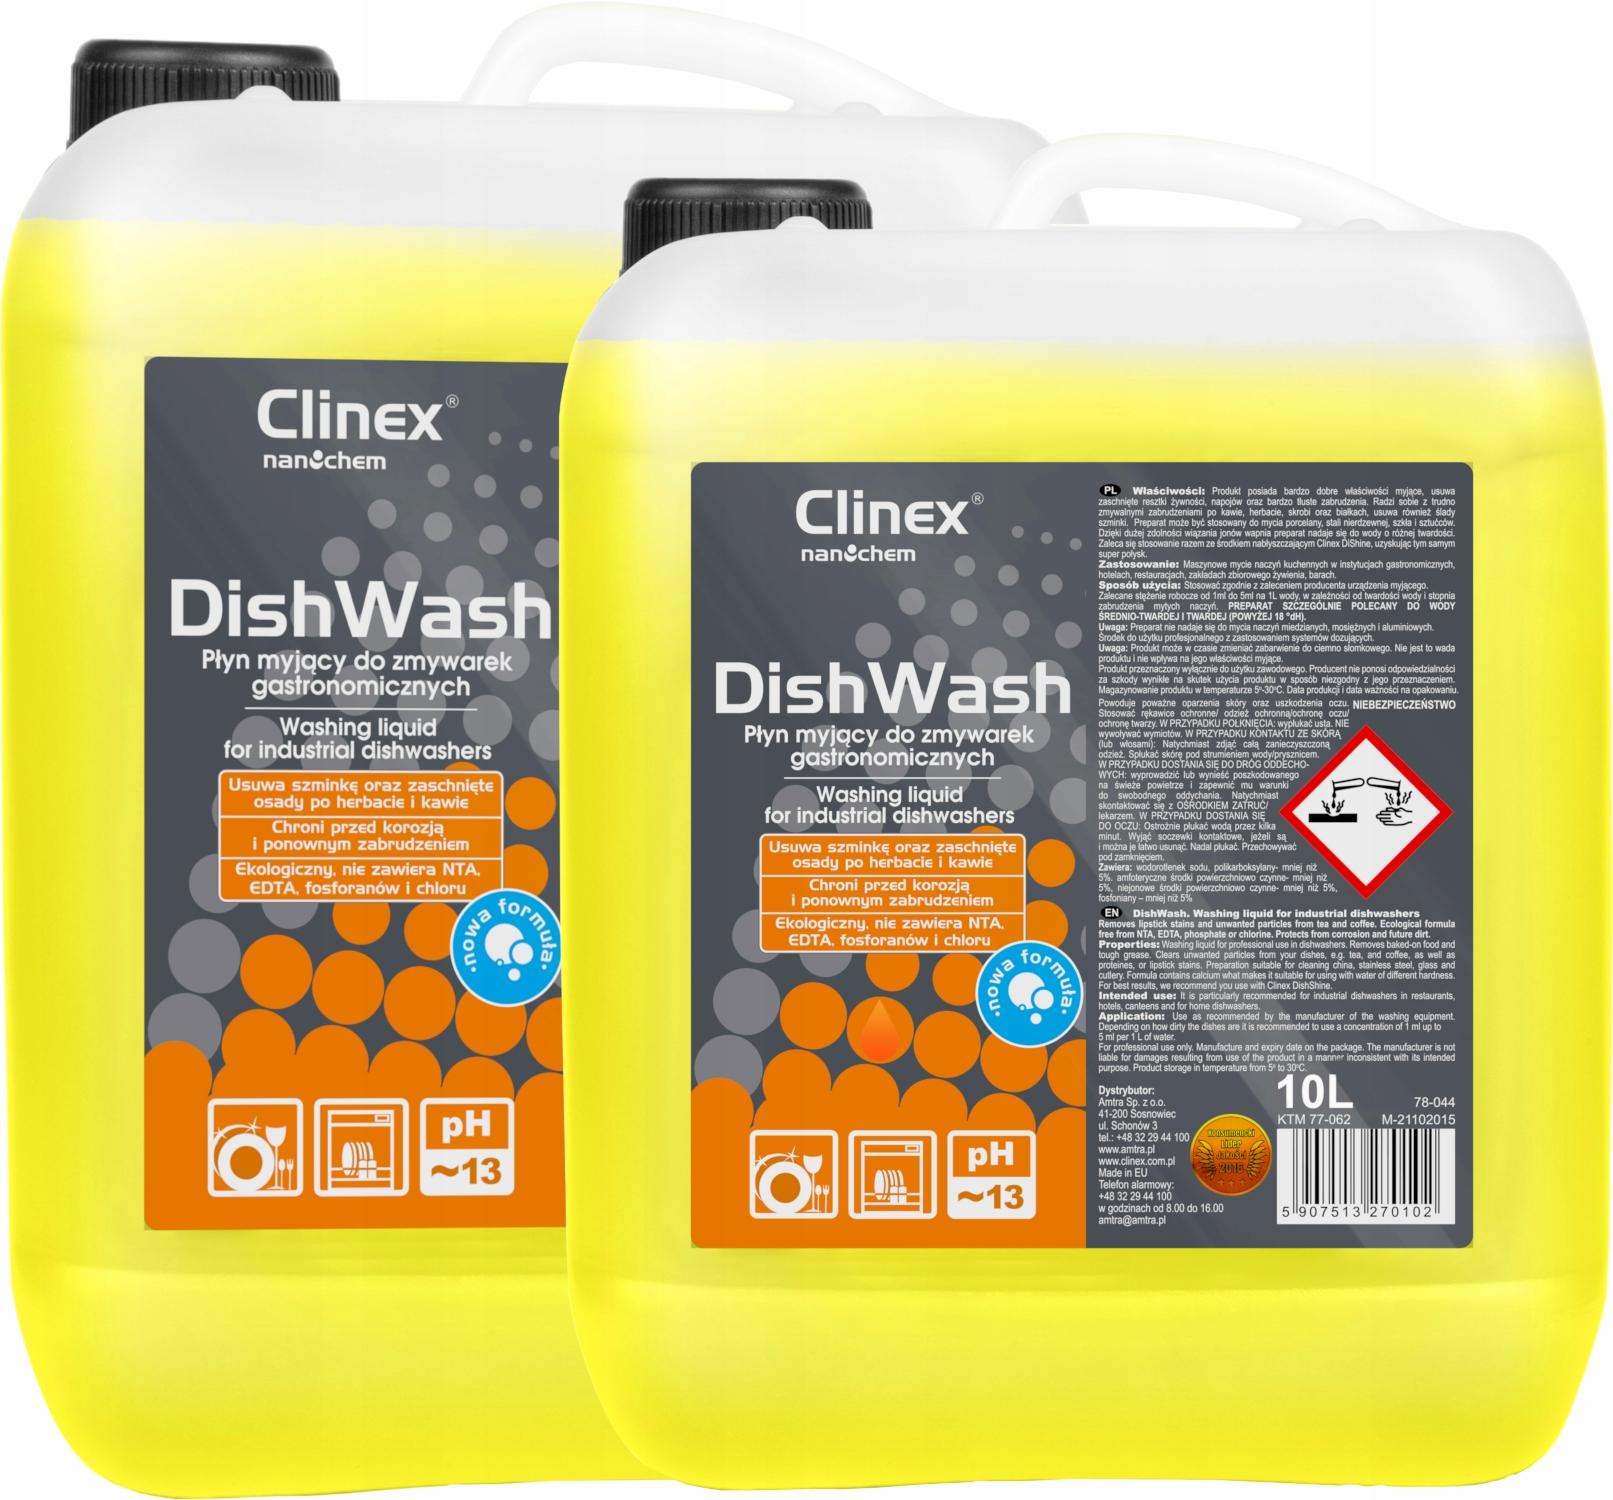 CLINEX DISHWASH 20L посудомоечная машина для мытья посуды